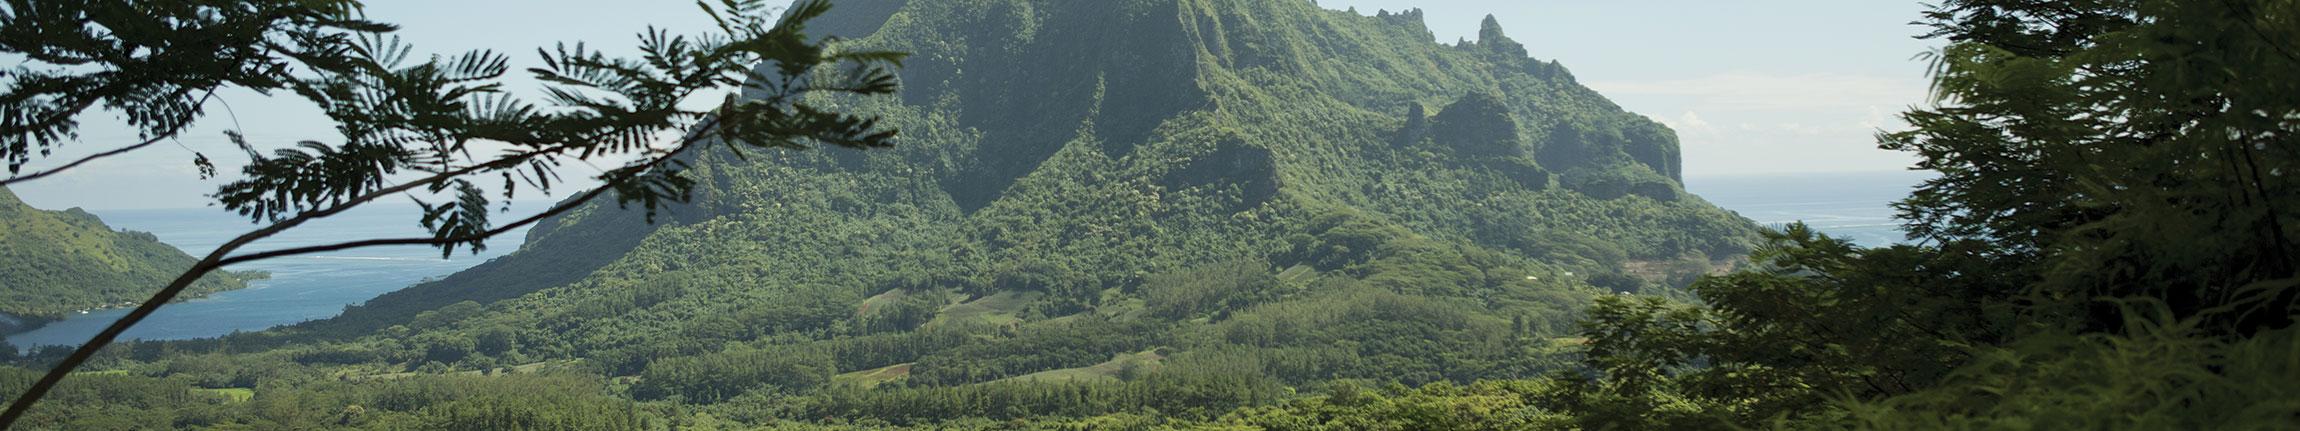 séjours-îles-de-la-societe-moorea-bandeau-polynesie-e-tahiti-travel